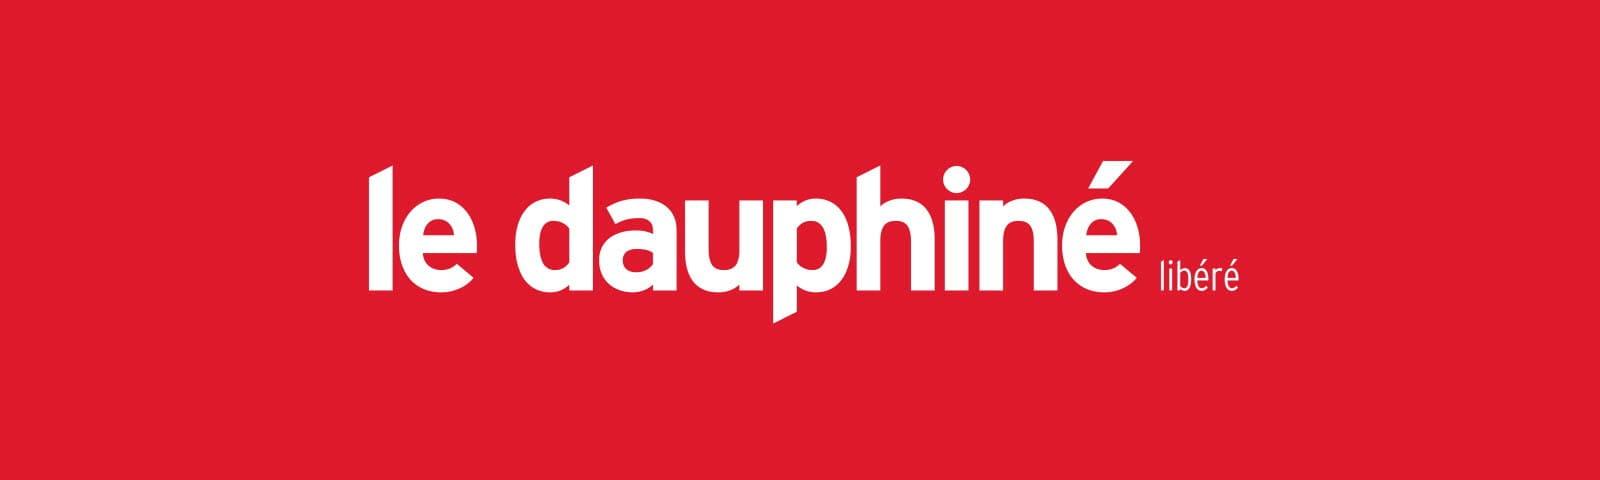 logo dauphiné libéré parution rendement locatif